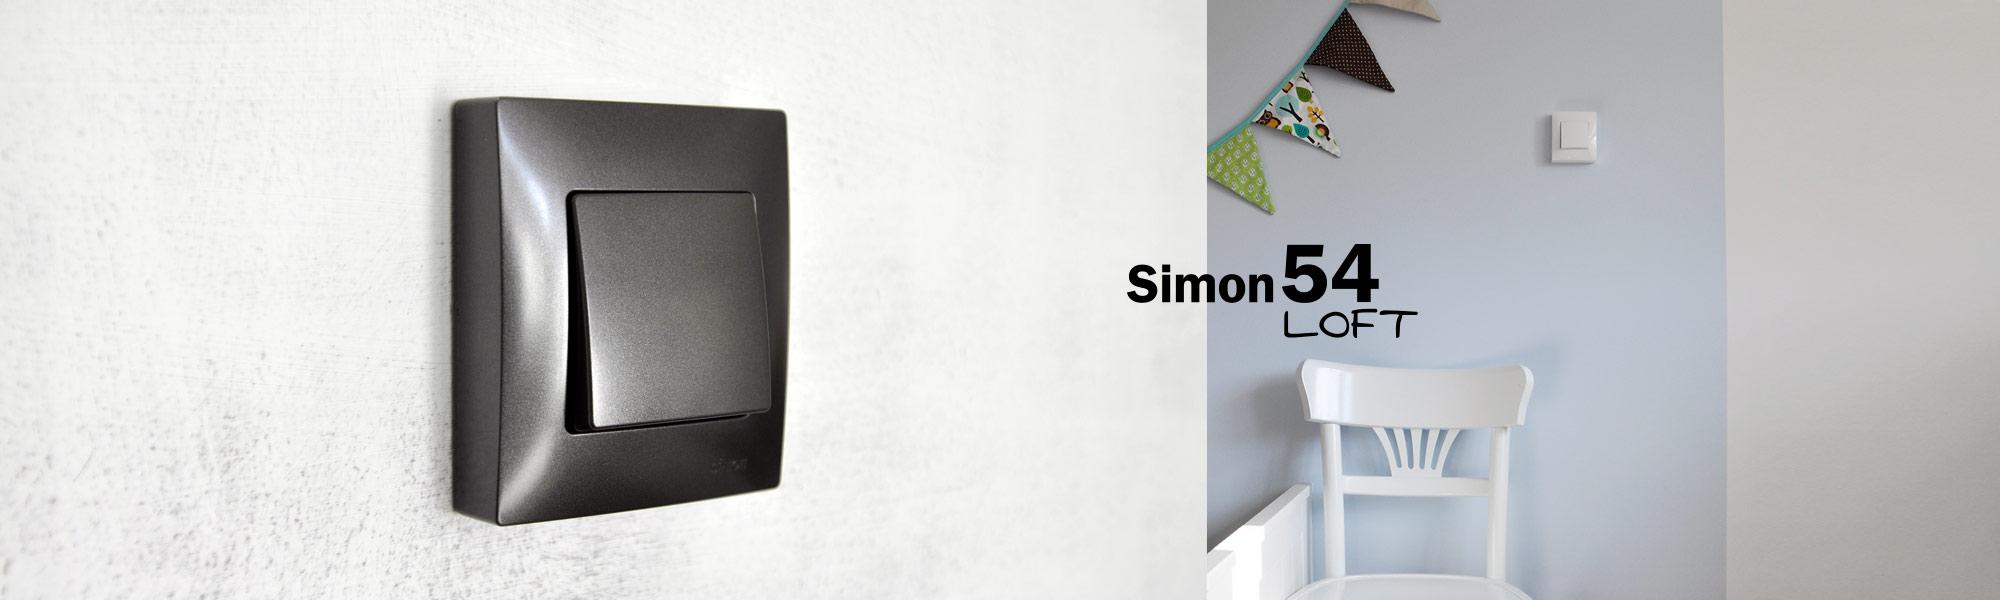 SIMON 54 LOFT